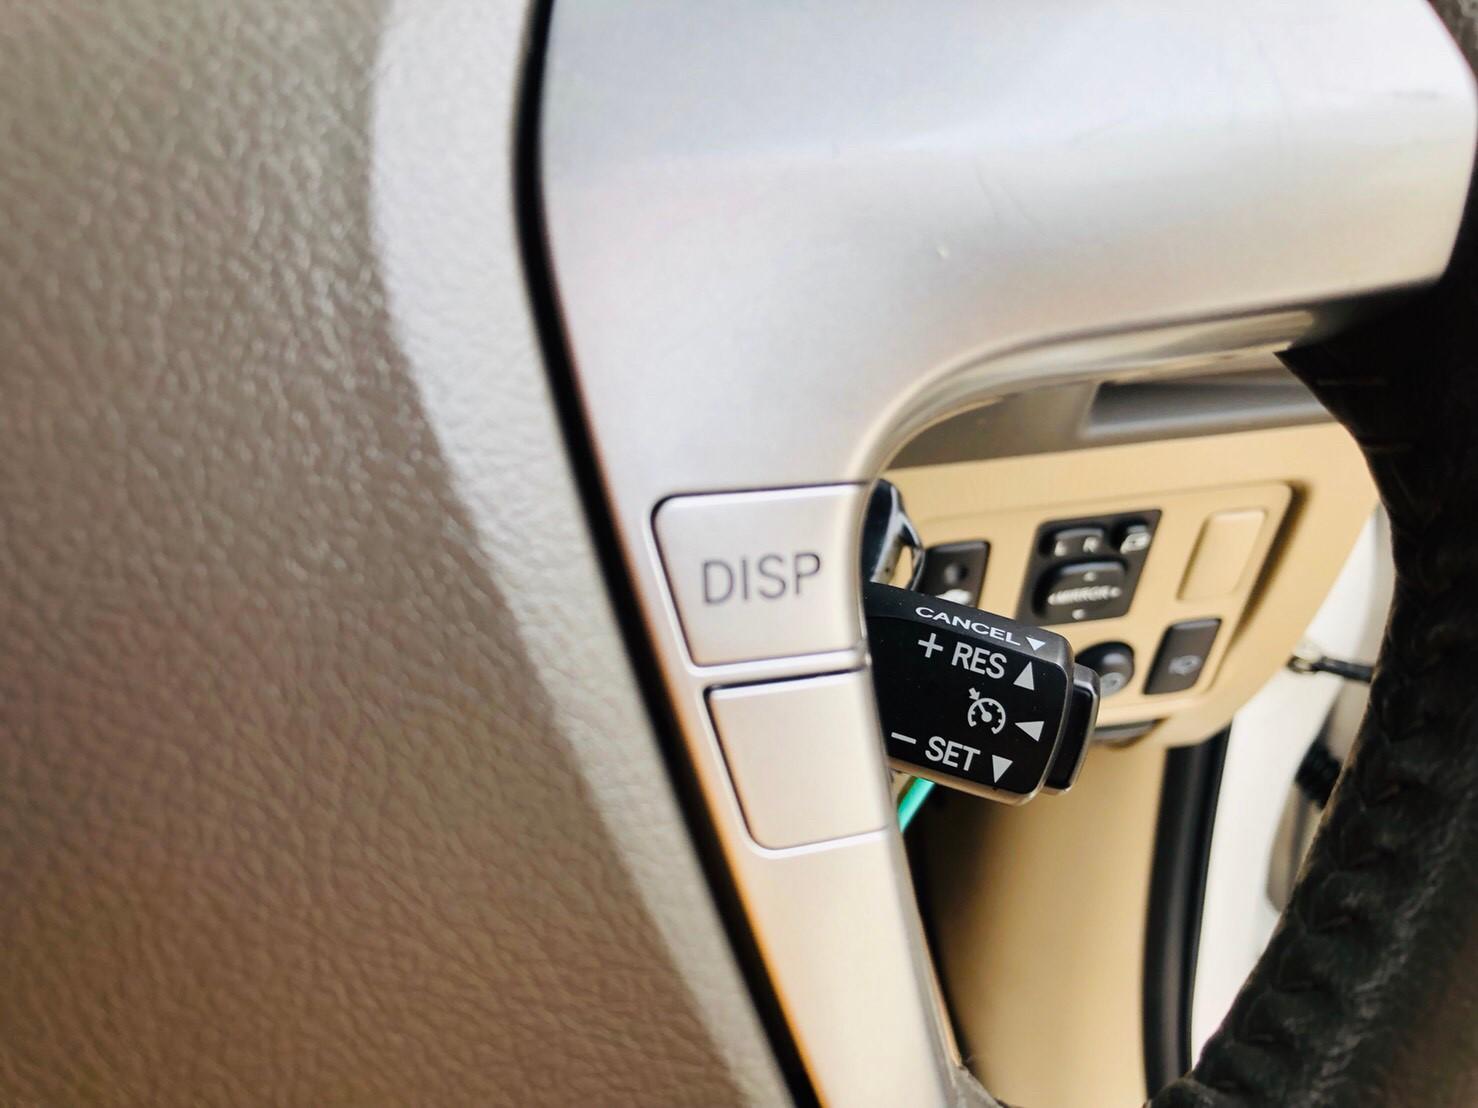 ภาพฟังก์ชั่นพวงมาลัย โตโยต้า ฟอร์จูนเนอร์ 3.0 V 4WD ปี 2013